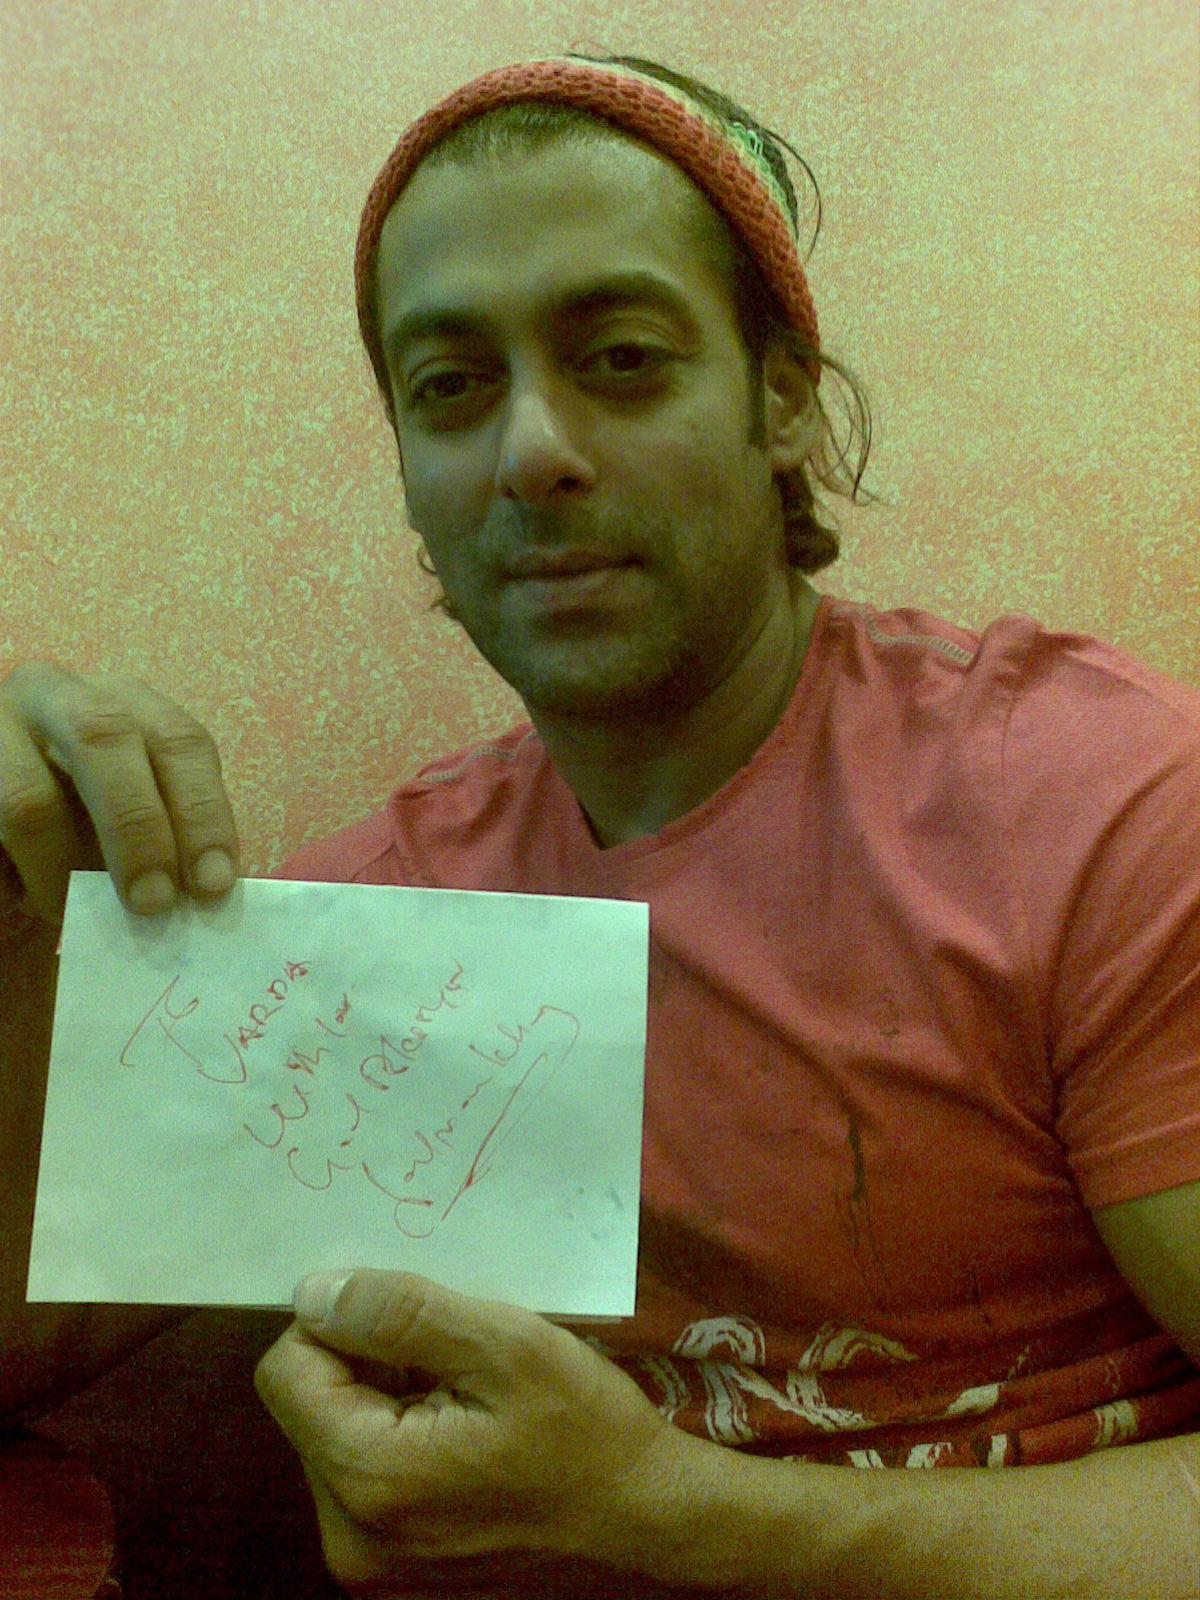 Salman Bhai